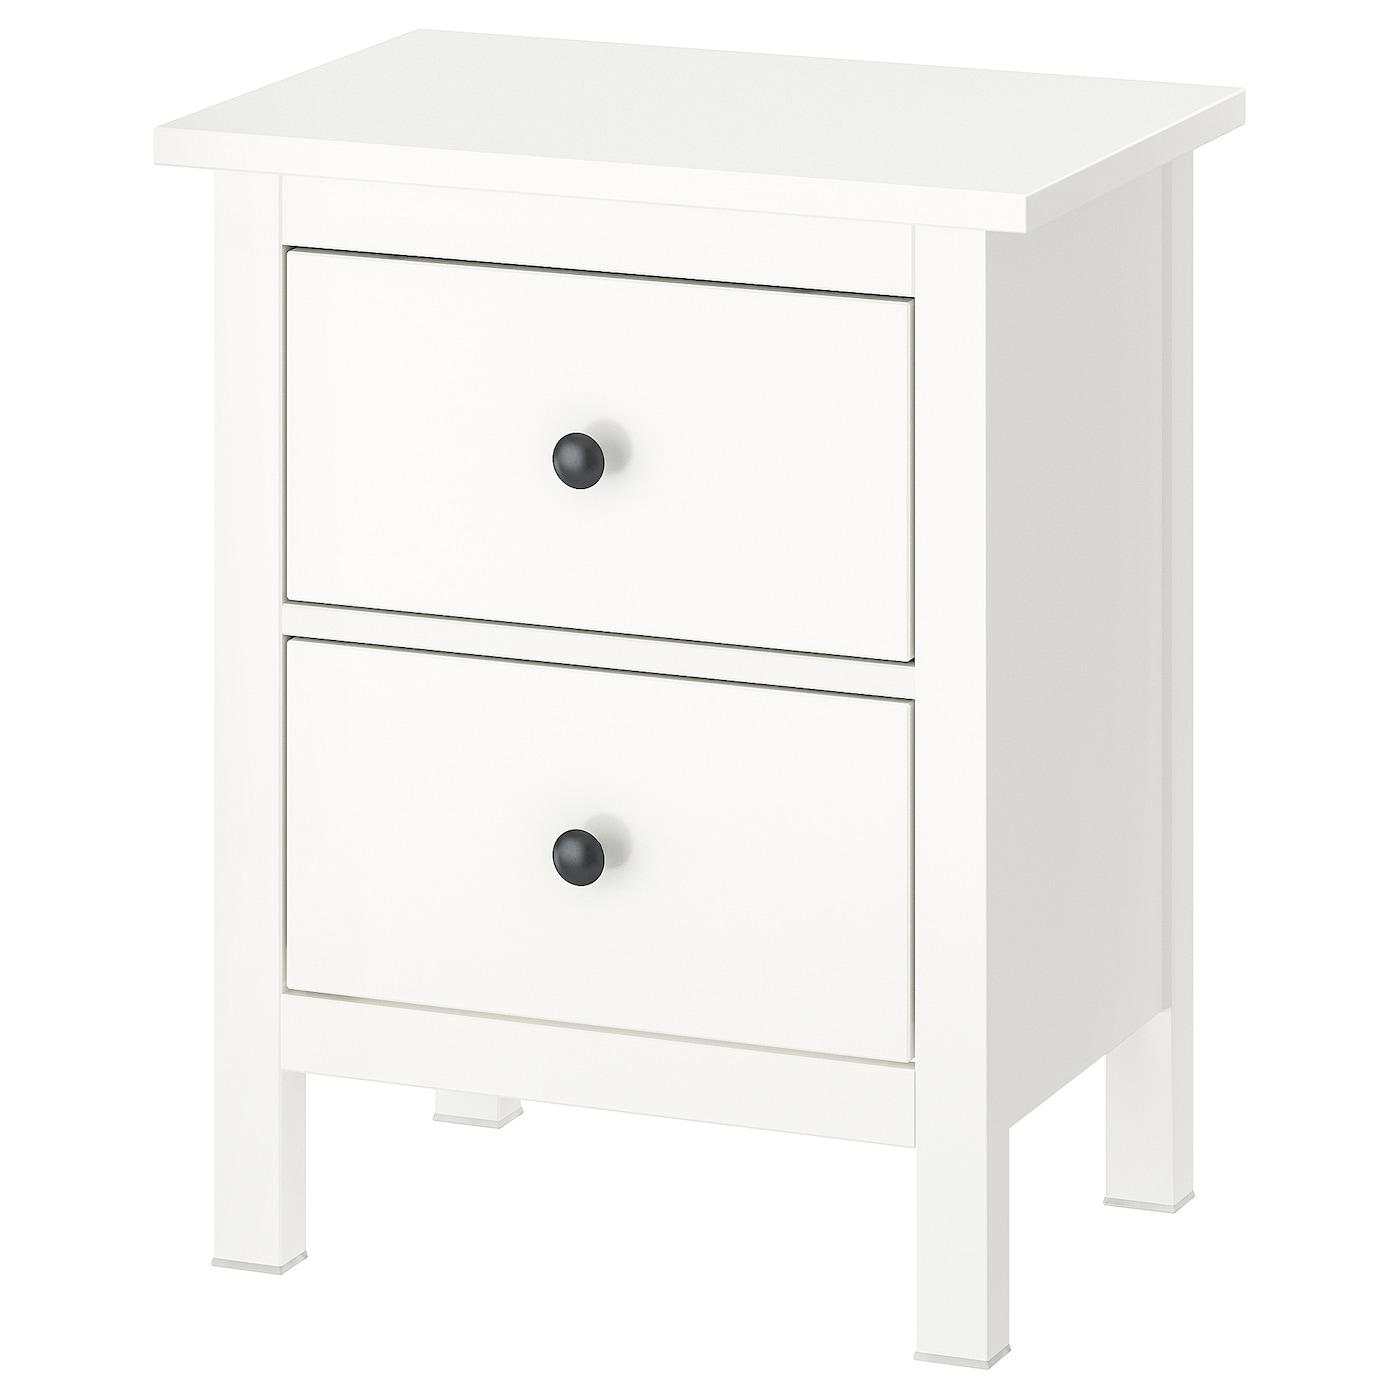 Ikea Hemnes Kommode Mit 2 Schubladen Grau Nachtkonsole Nachttisch